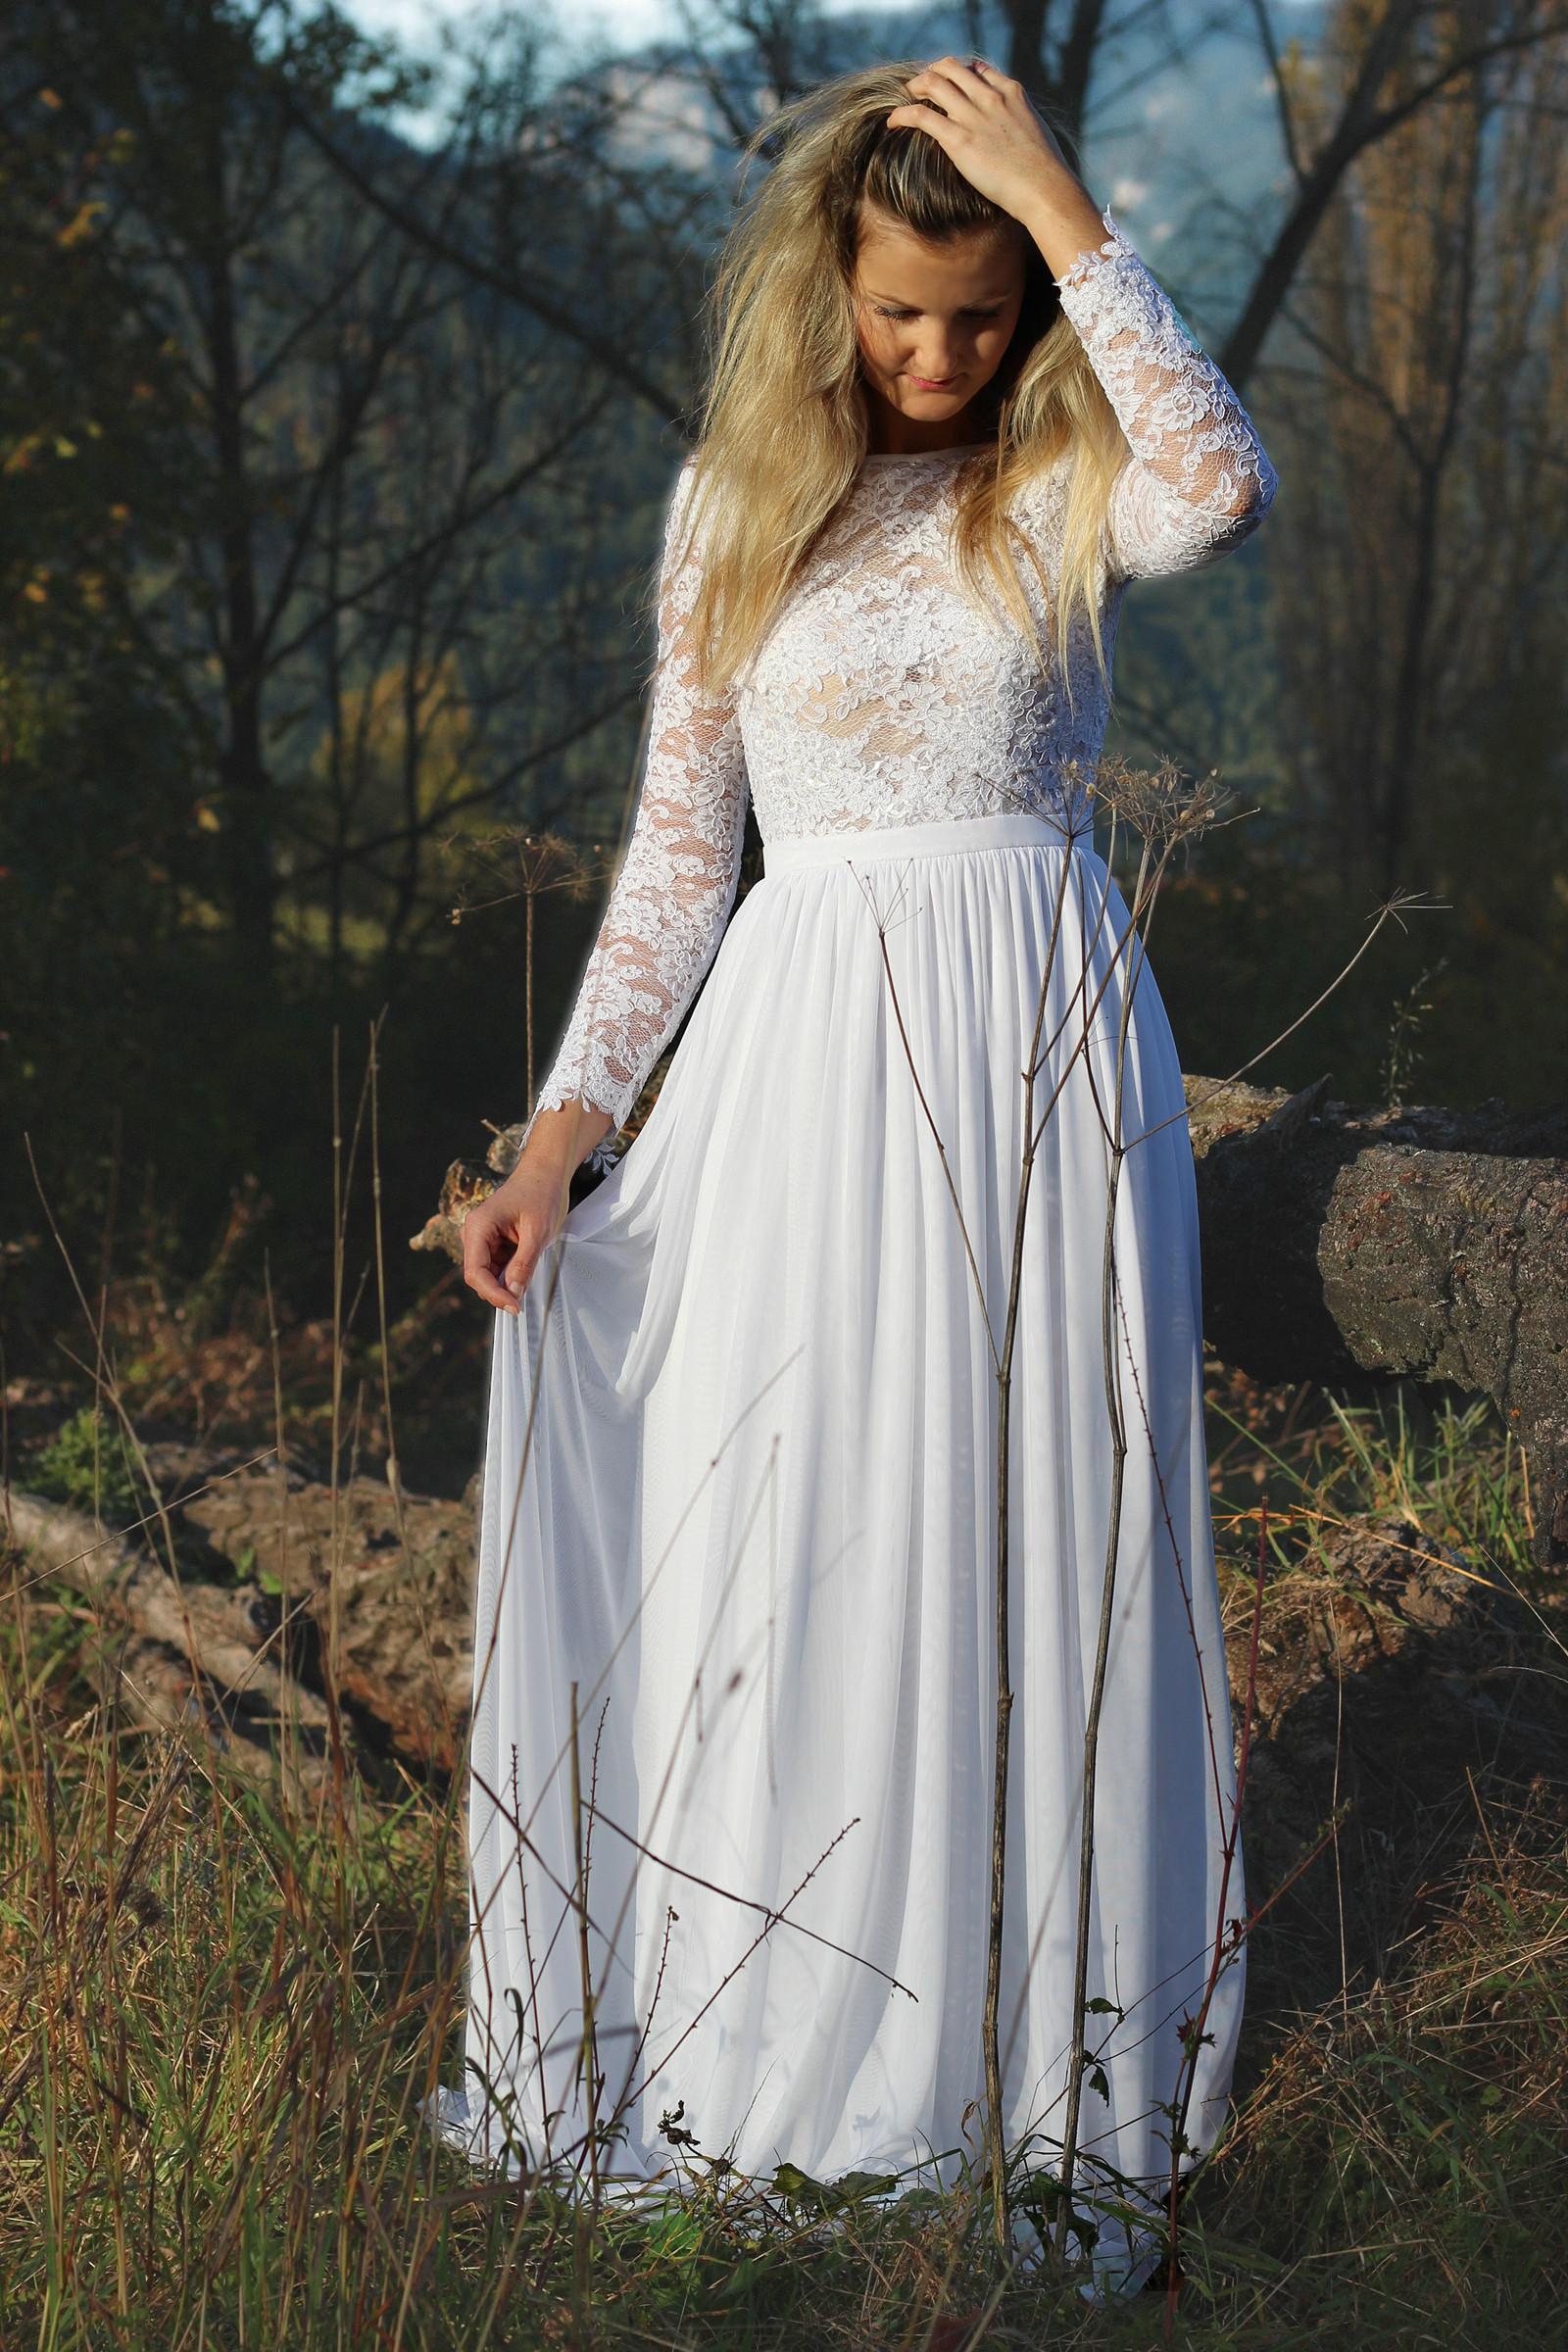 Svatební šaty s dlouhým rukávem   Zboží prodejce Dyona  66c1726195